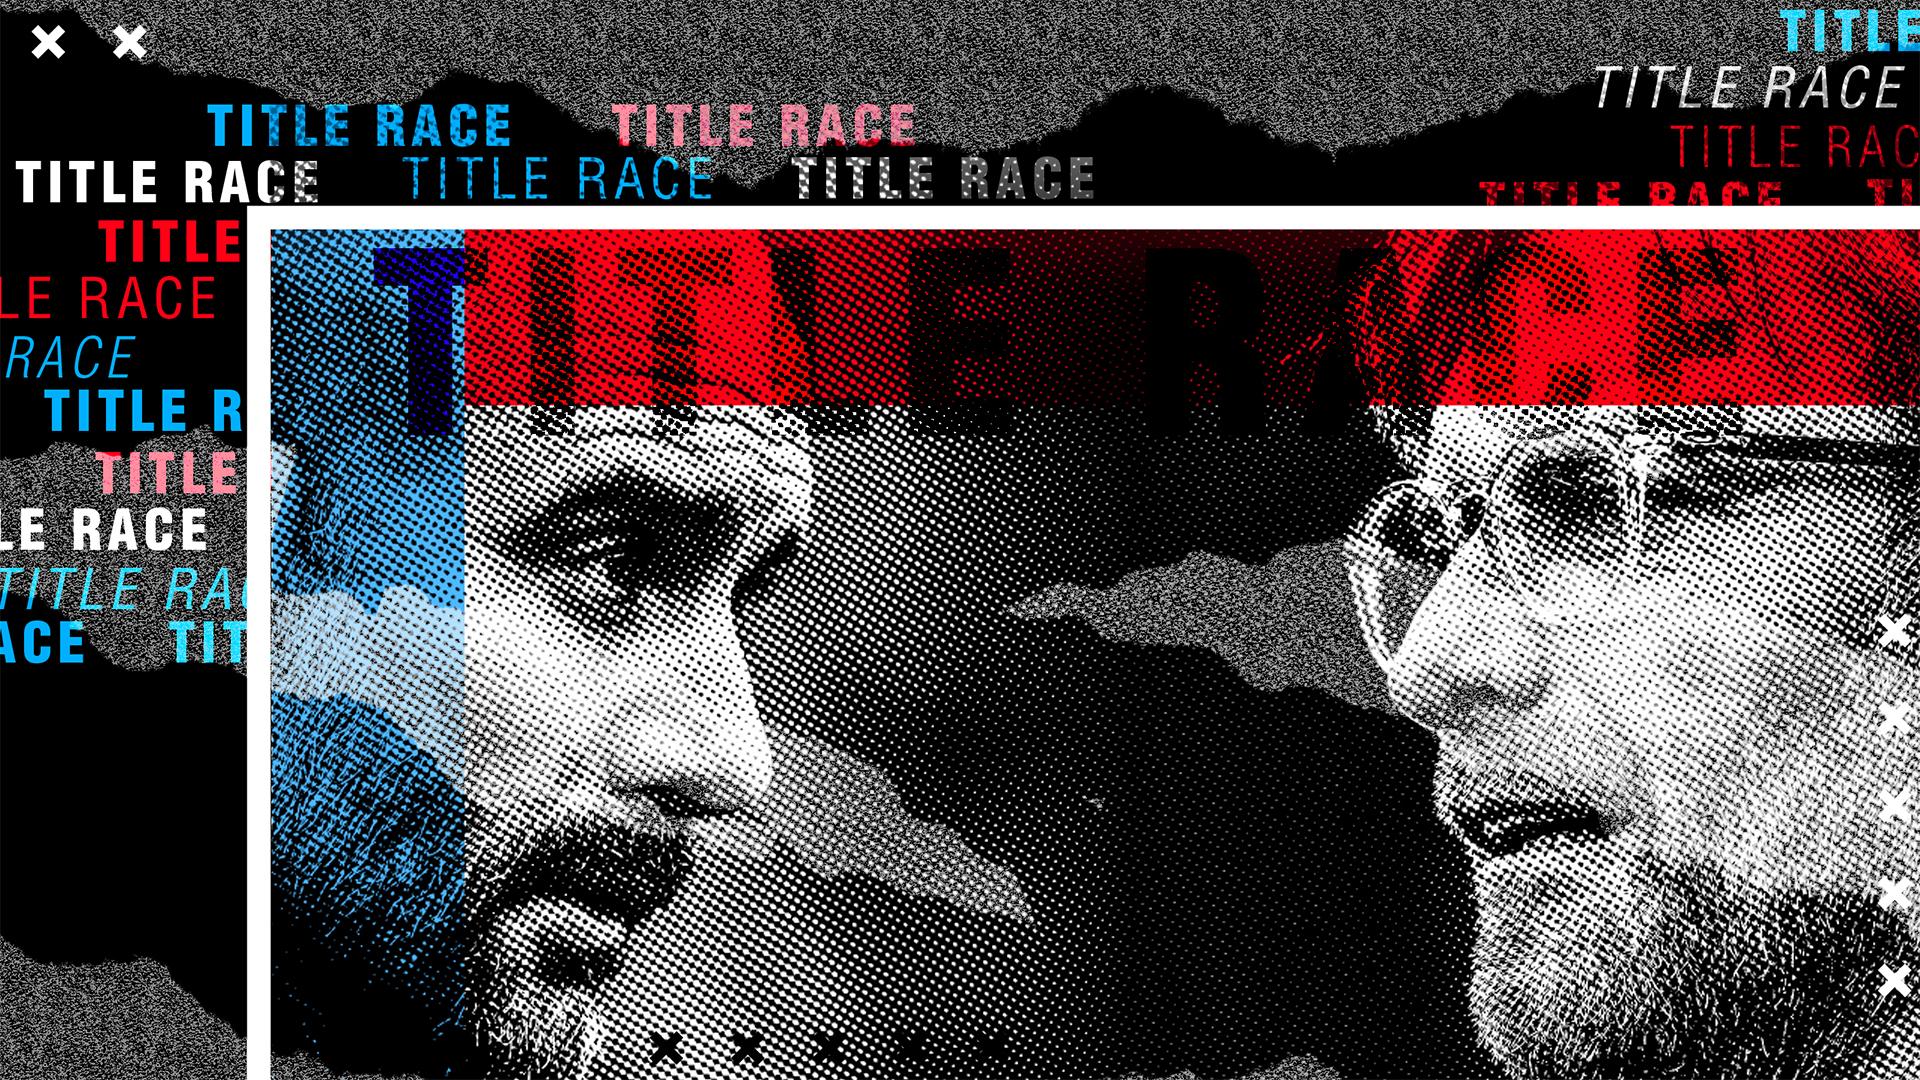 Manchester City Liverpool Premier League Title Race